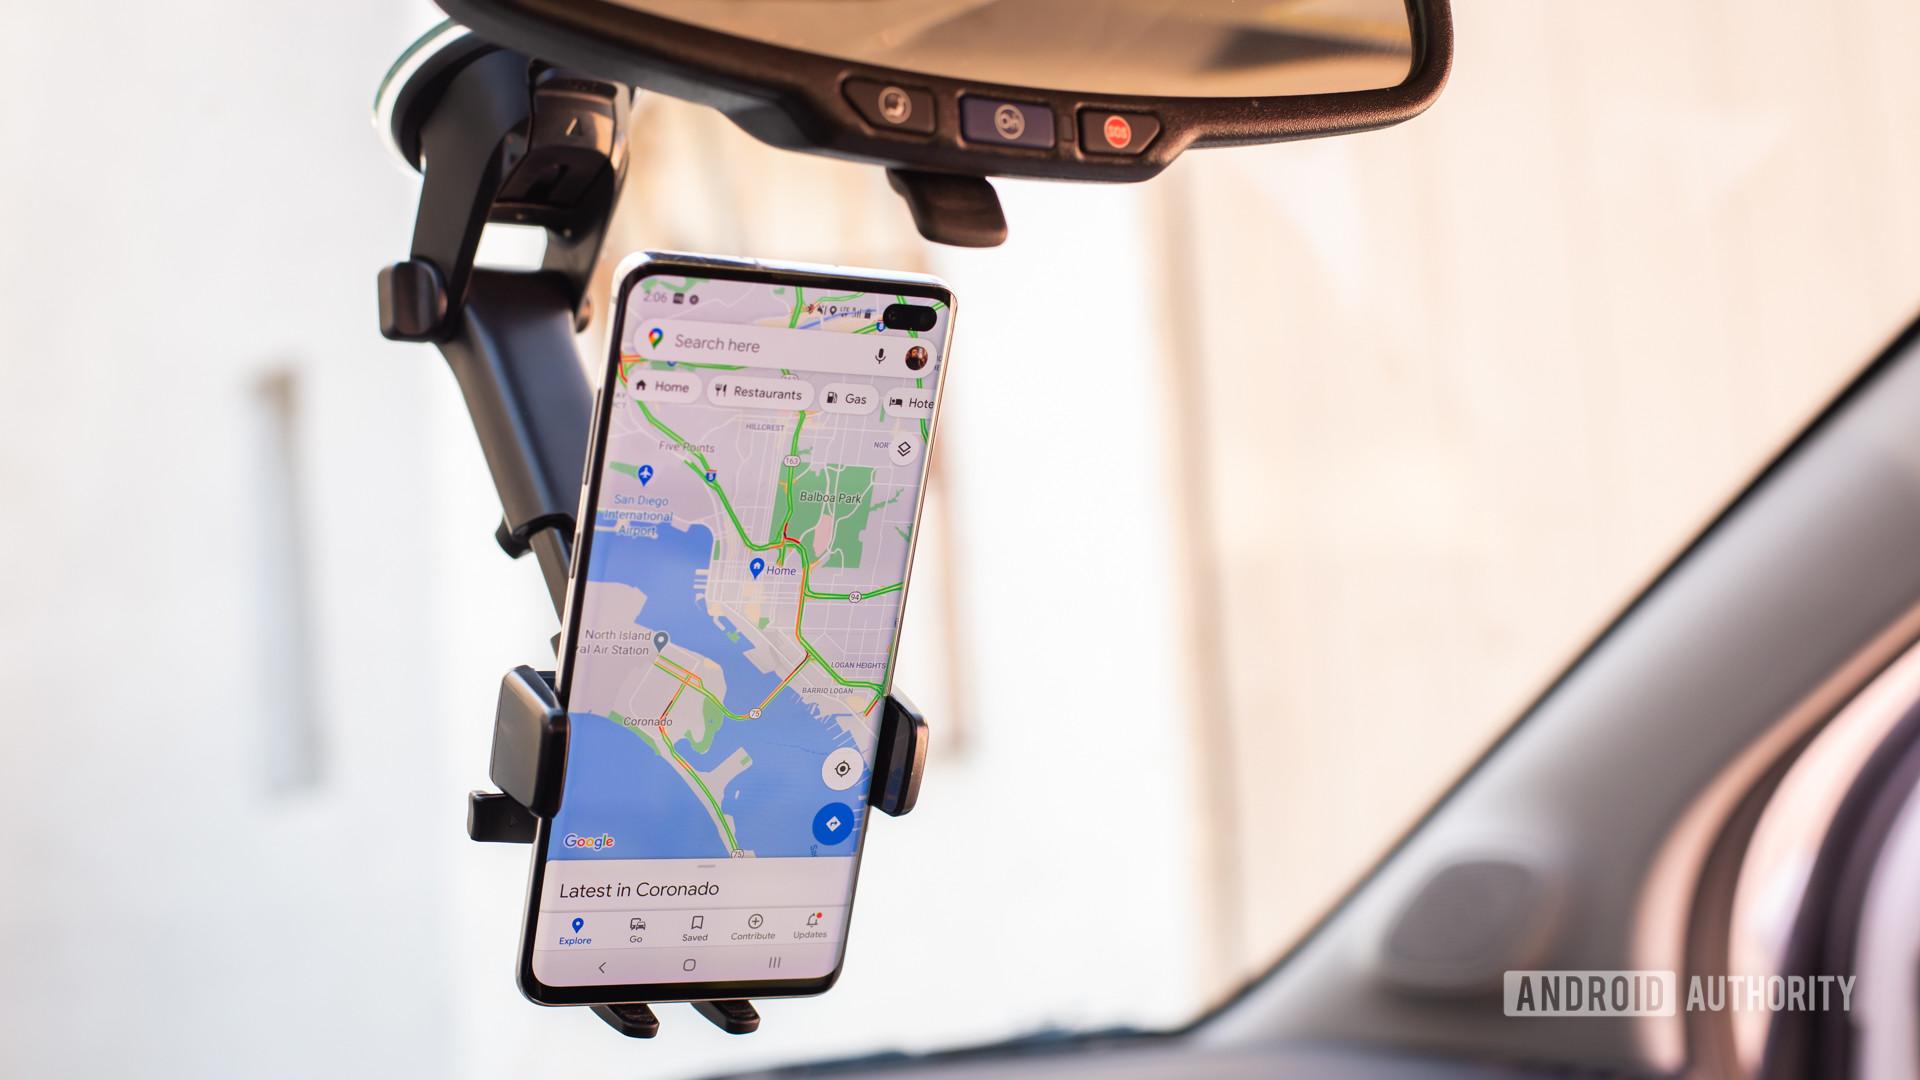 Avaliação 3 do suporte para carro Iottie Easy One Touch 4